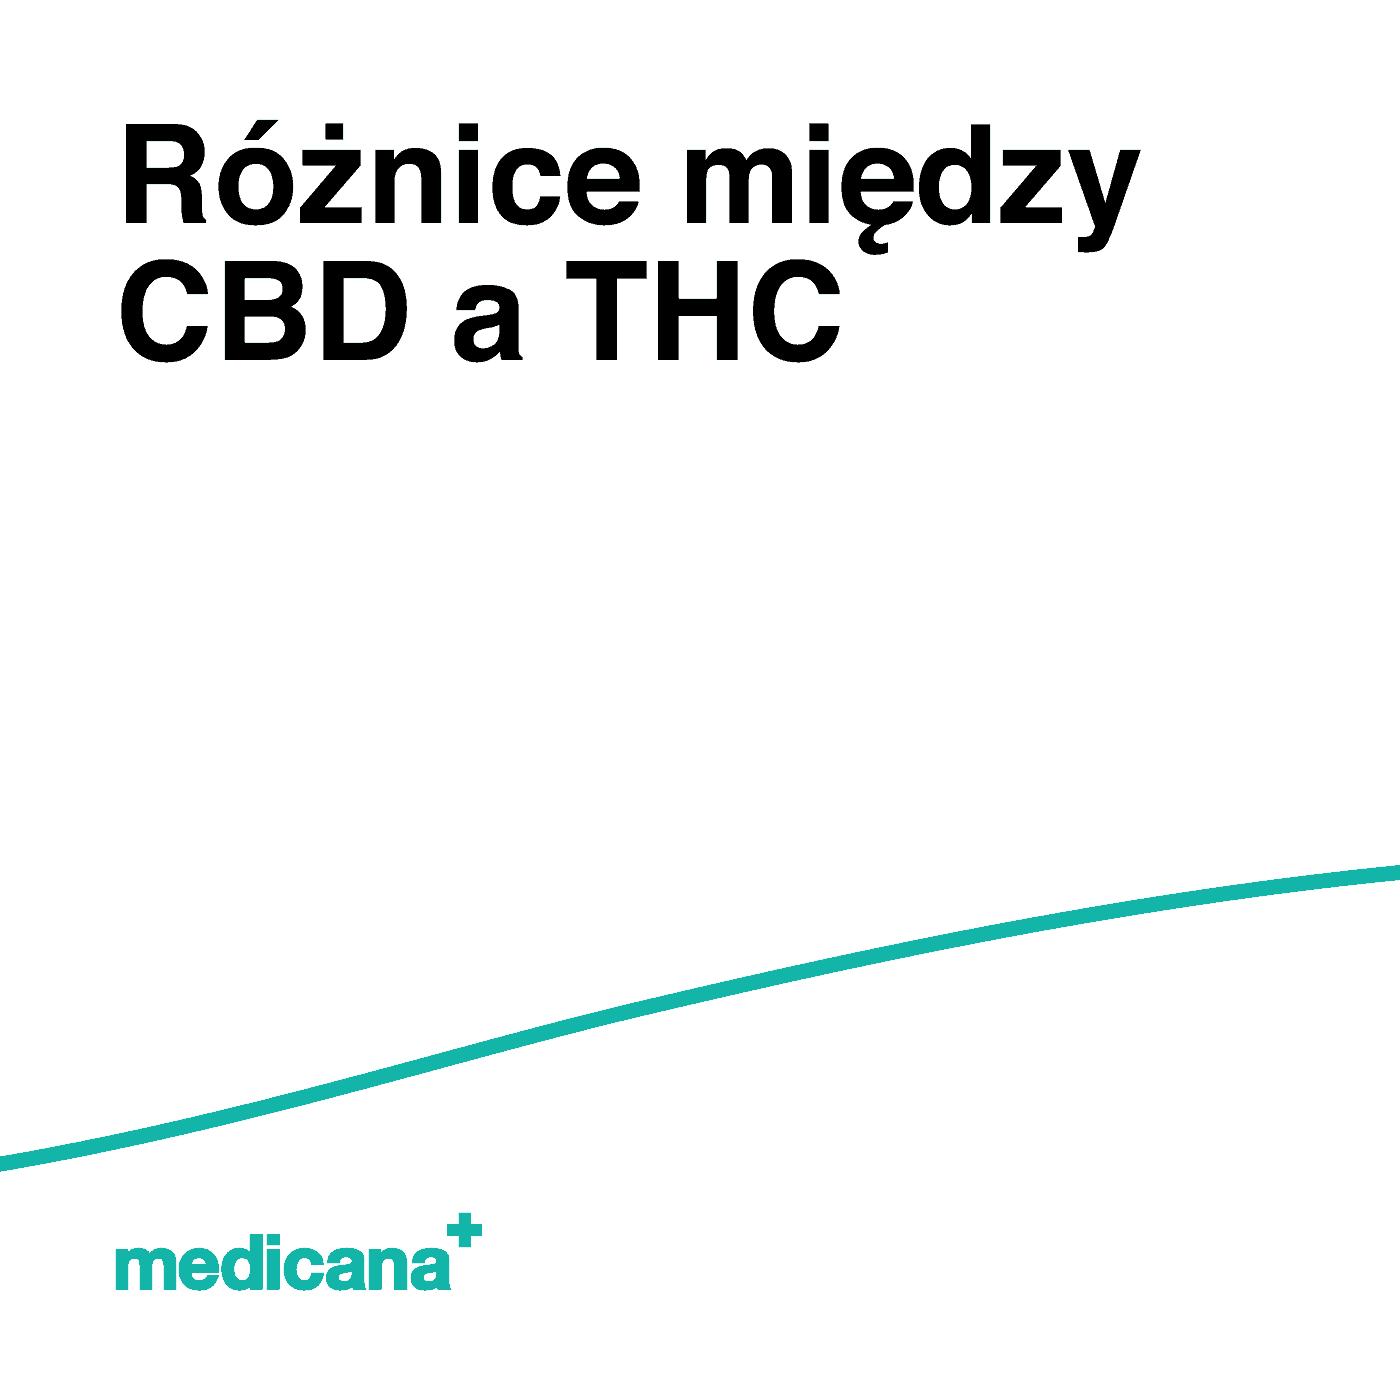 Grafika, białe tło z zieloną linią, czarnym napisem Różnice między CBD a THC oraz zielonym logo Medicana w lewym dolnym rogu.